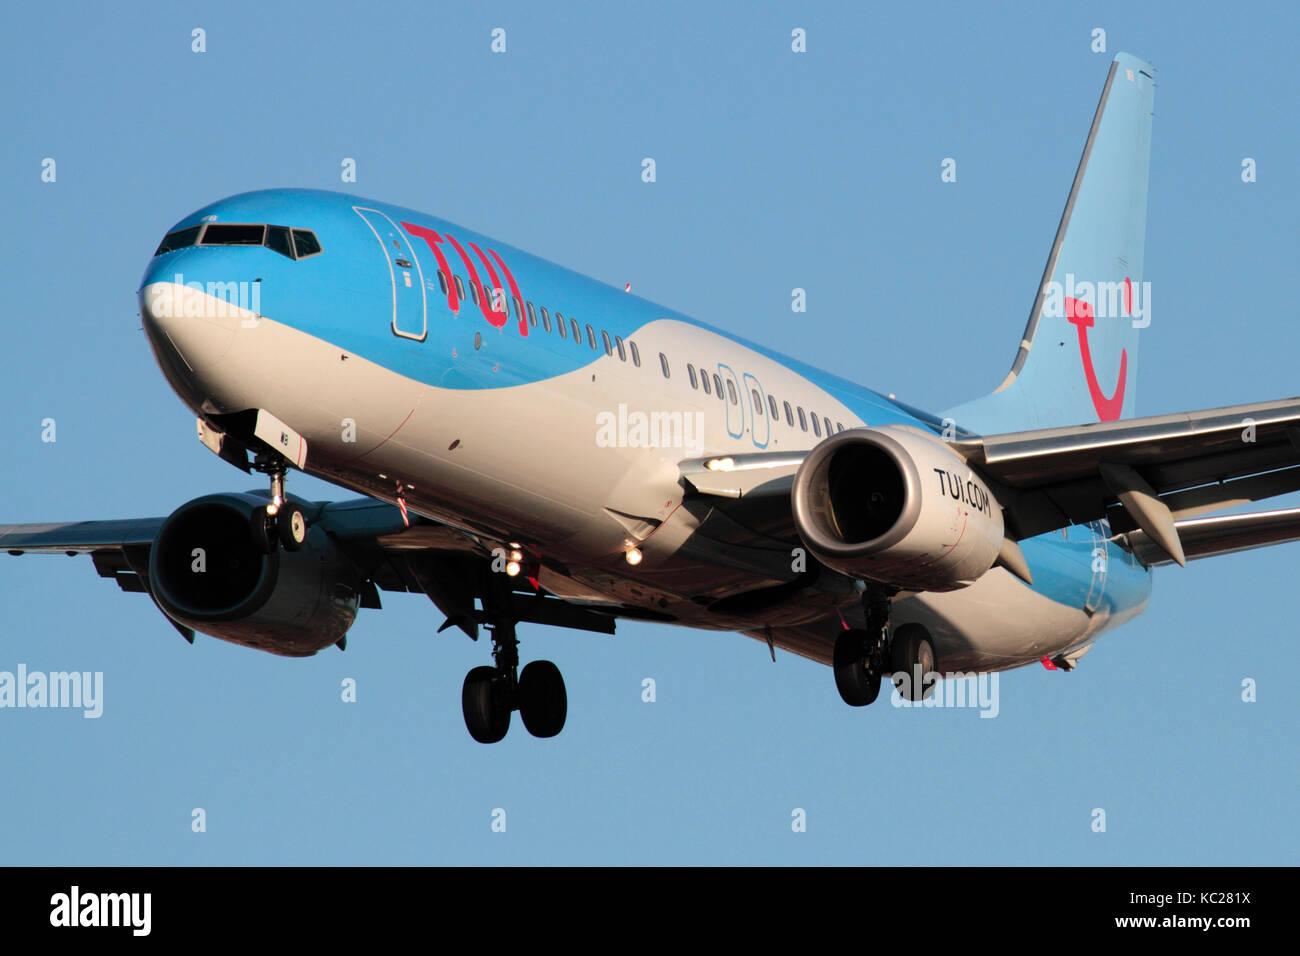 Viajes aéreos modernos. TUI Airlines (anteriormente Thomson Airways) avión Boeing 737-800 en el enfoque. Vista frontal Closeup. Foto de stock